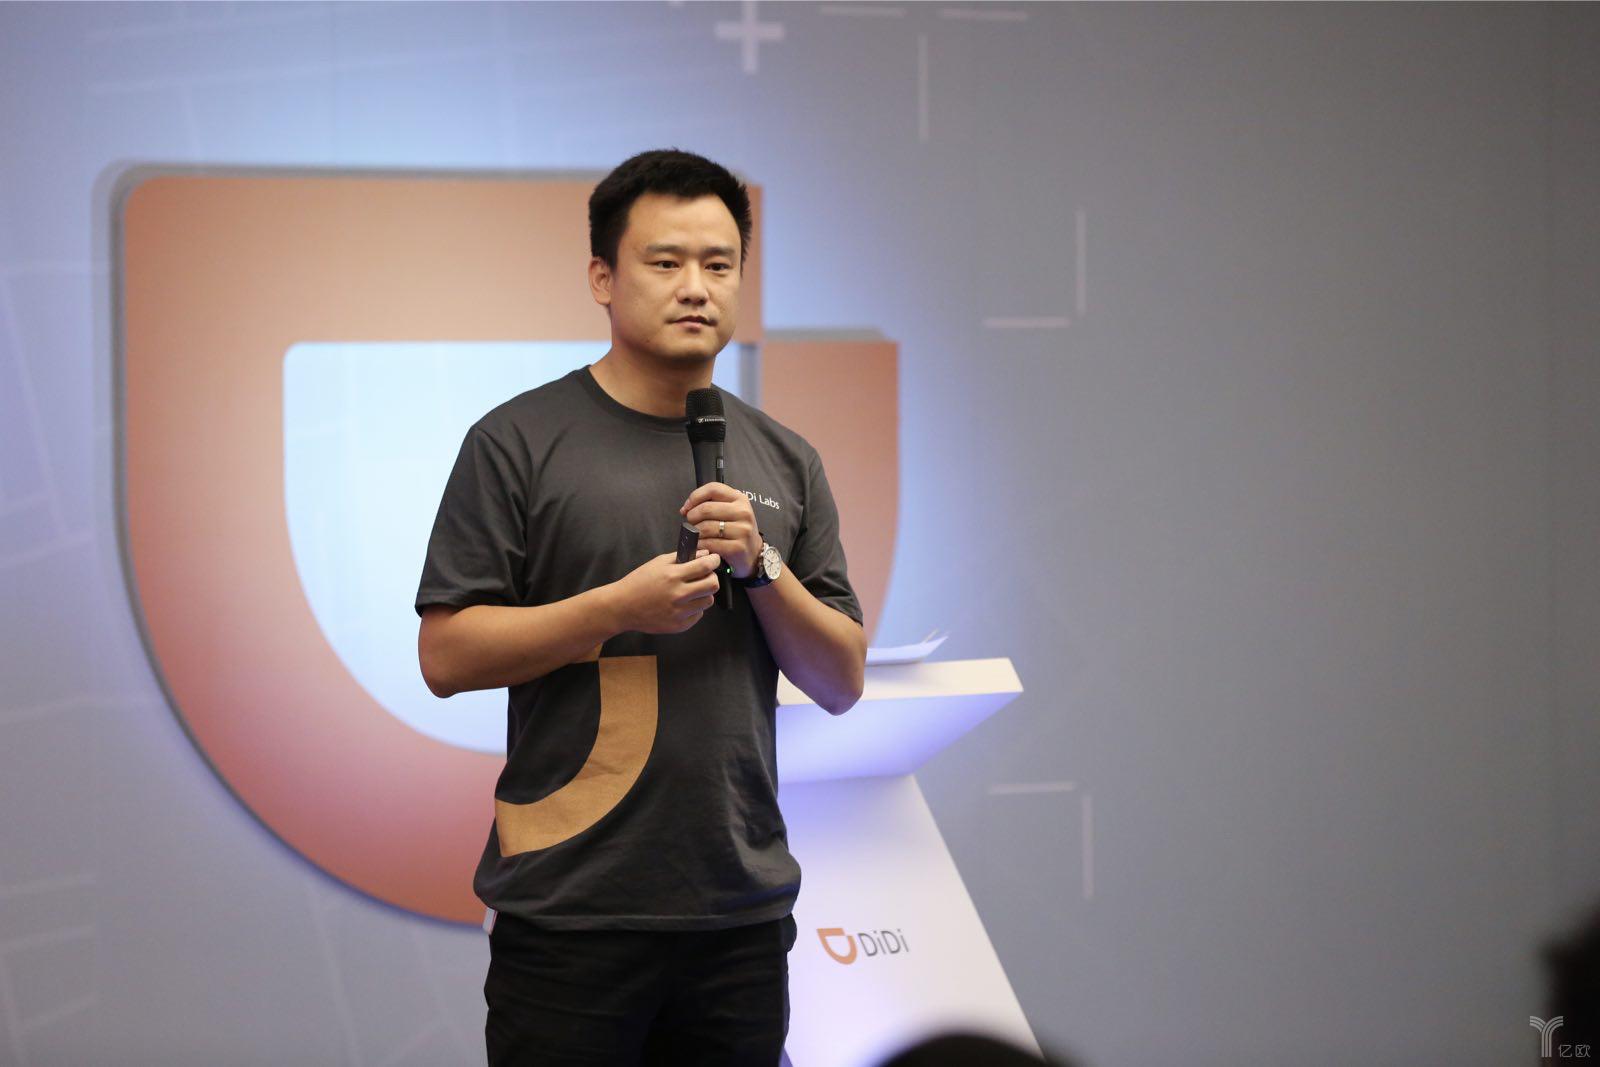 """滴滴的技术""""梦之队""""为硅谷办了3小时""""硬核""""技术派对-薪媒体_O2O新商业媒体资讯平台"""